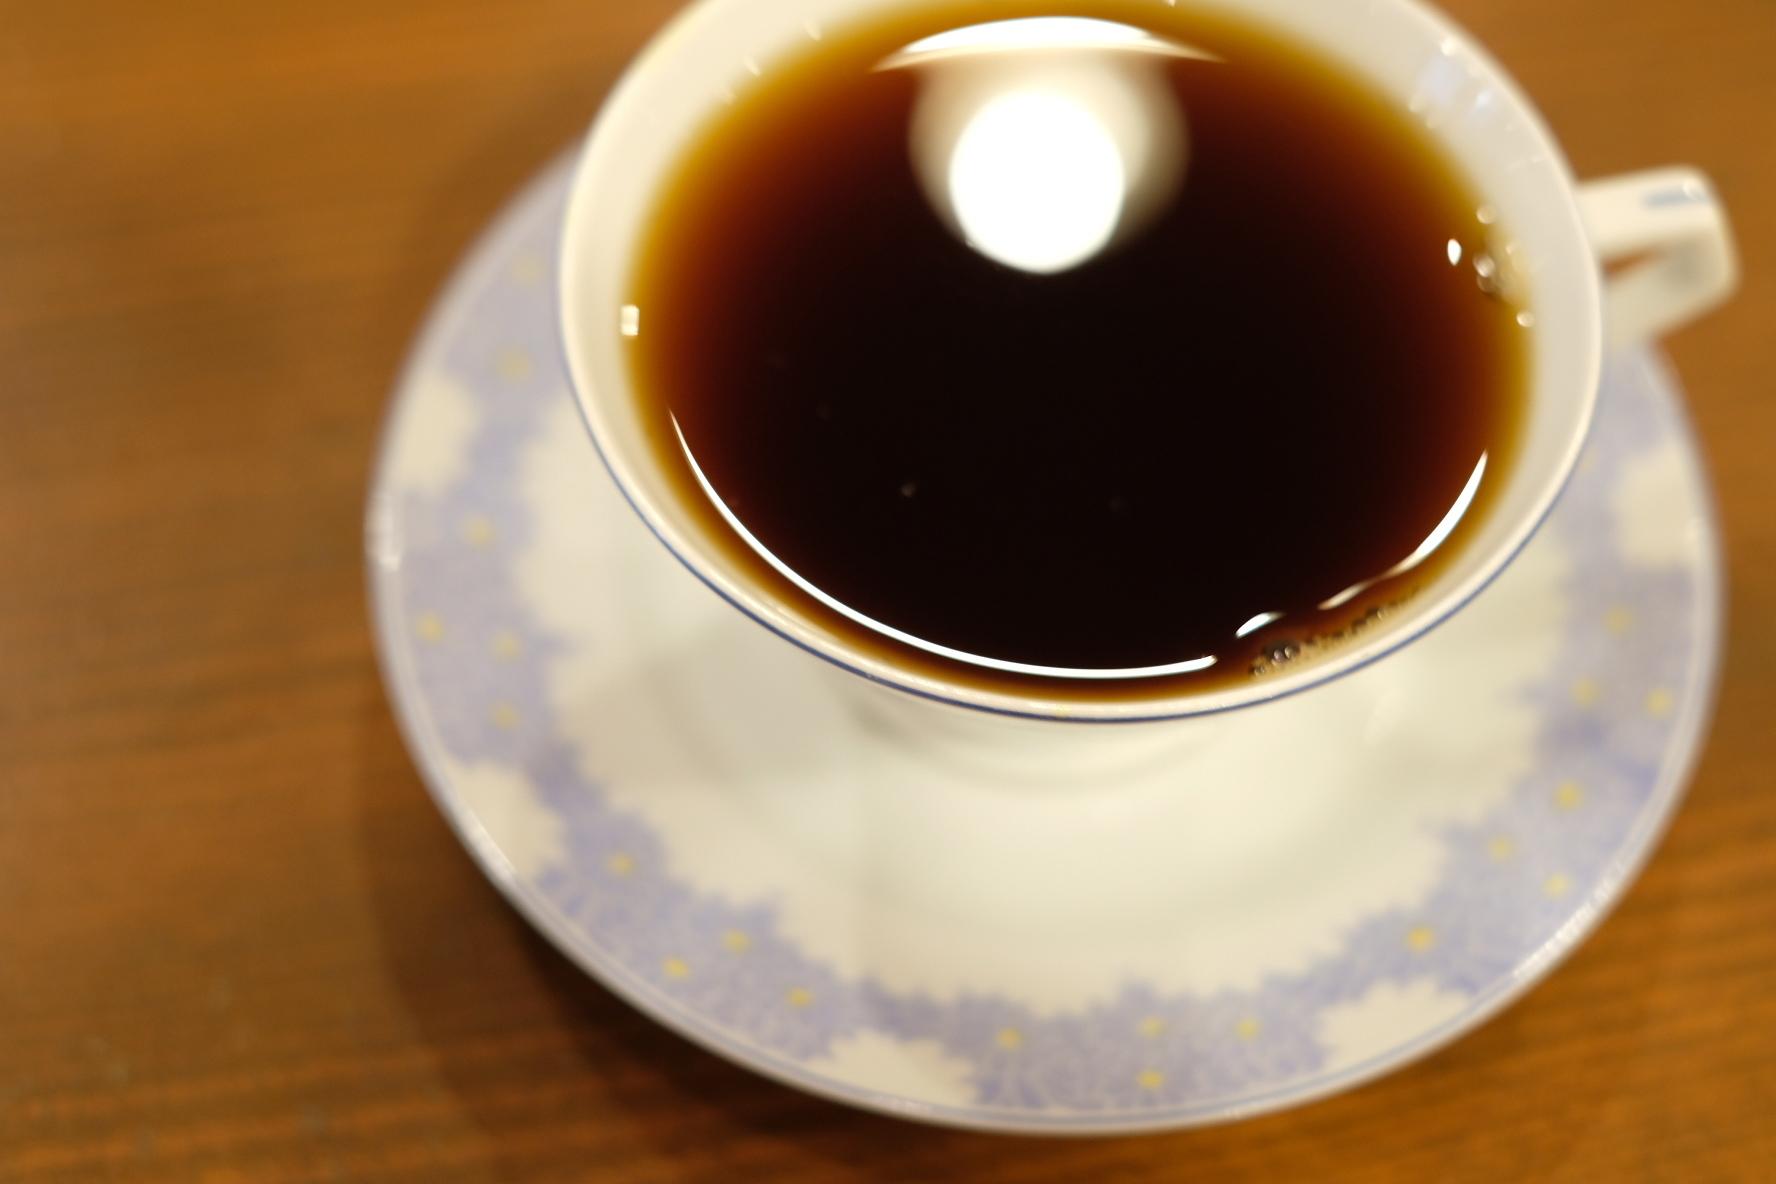 【コーヒー豆定期便】ブレンド200g + シングルオリジン200g